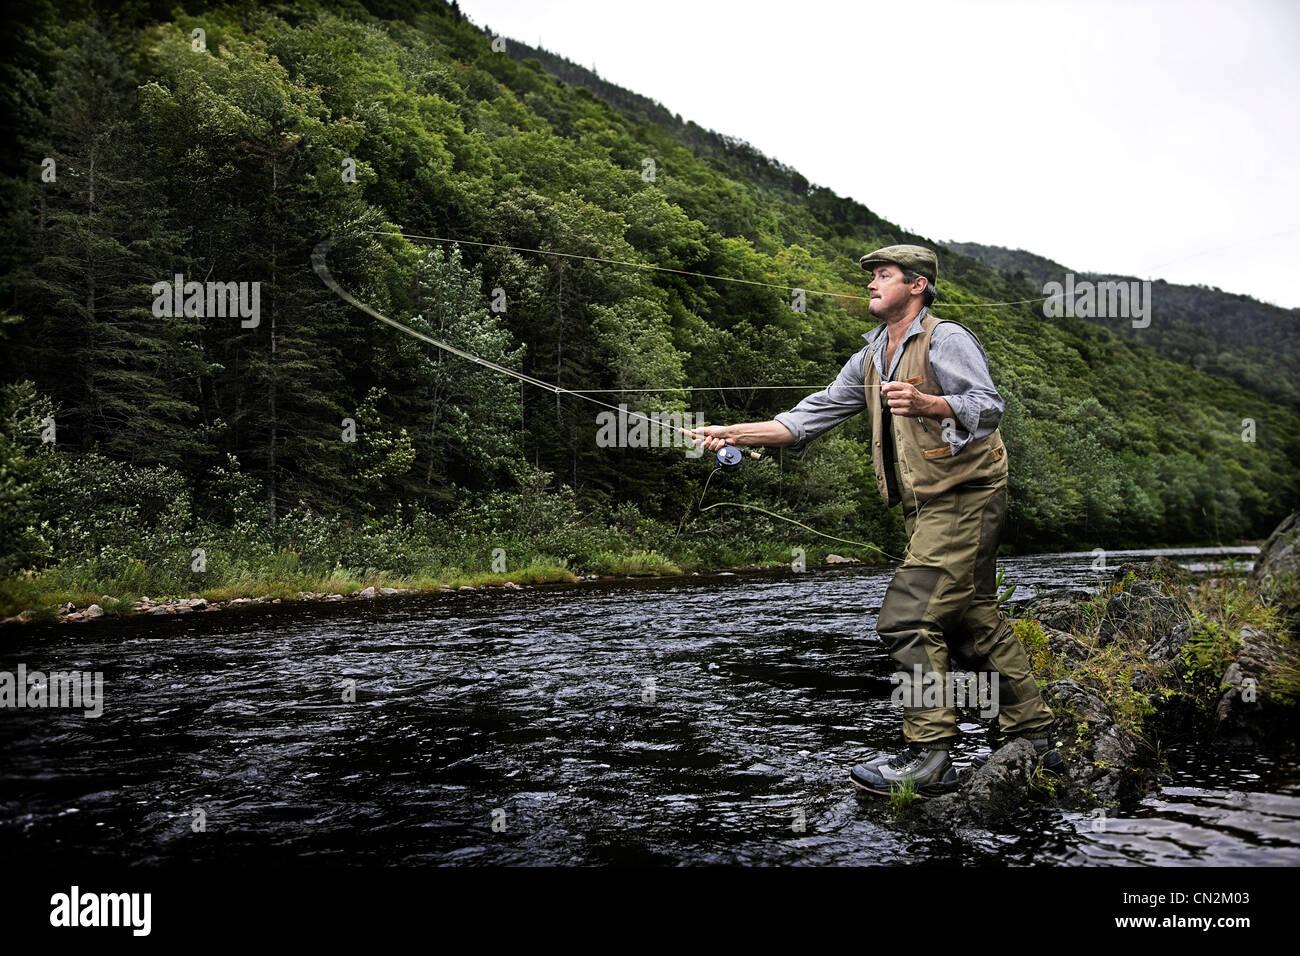 Pescatore a mosca nel fiume Margaree, Cape Breton Island, Nova Scotia Immagini Stock